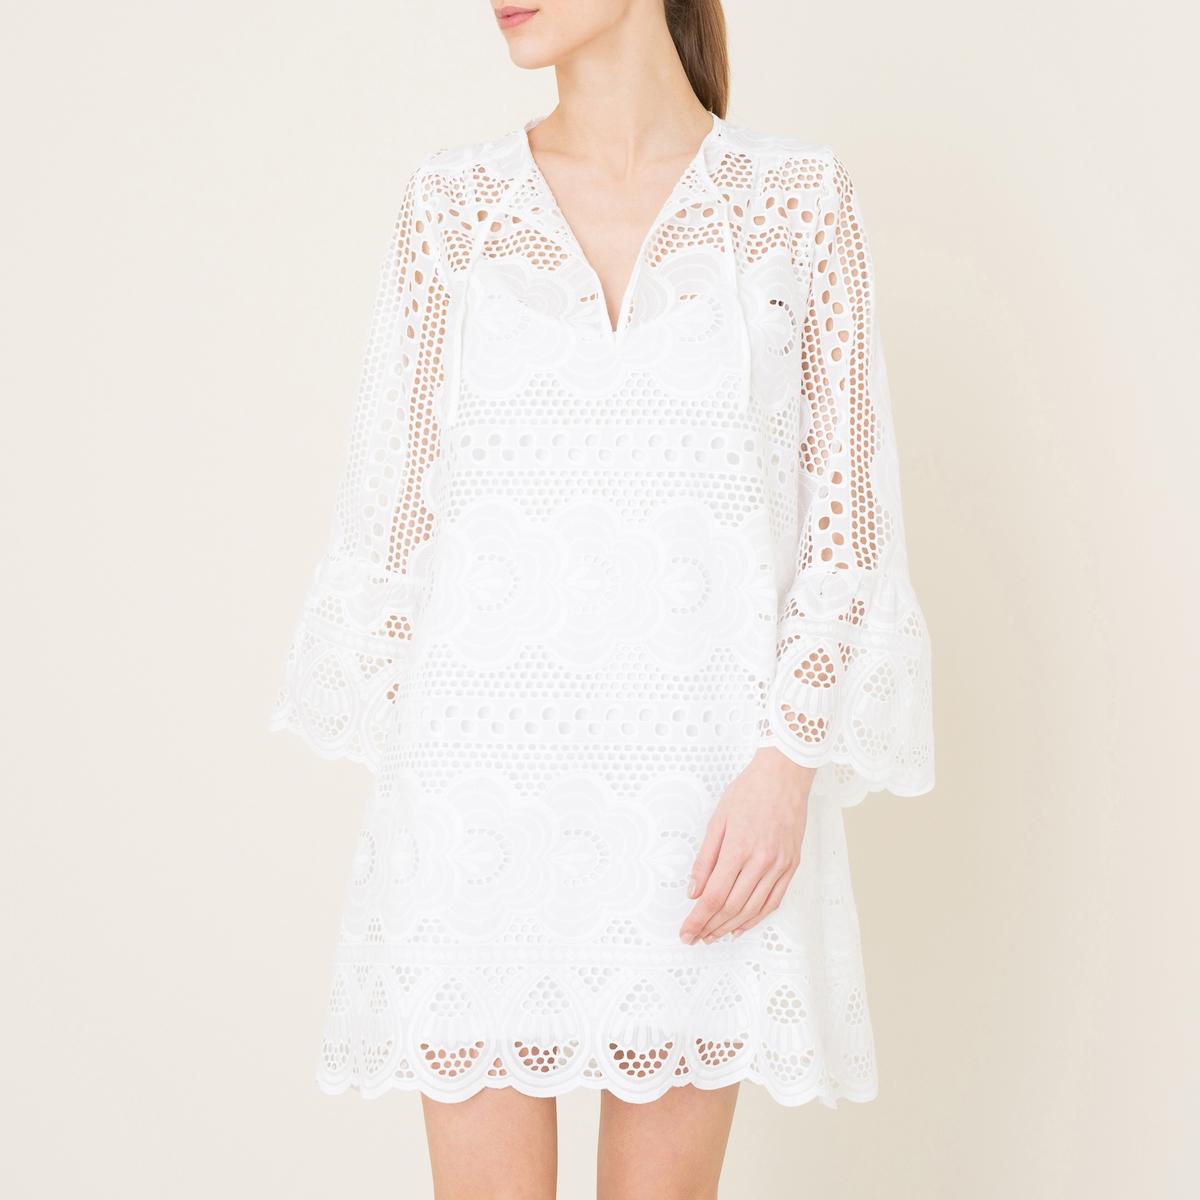 Платье ANVERSСостав и описание Материал : 100% хлопокПодкладка платья 97% вискозы, 3% эластанаДлина : 90 см. для размера 36Марка : VALERIE KHALFON<br><br>Цвет: белый